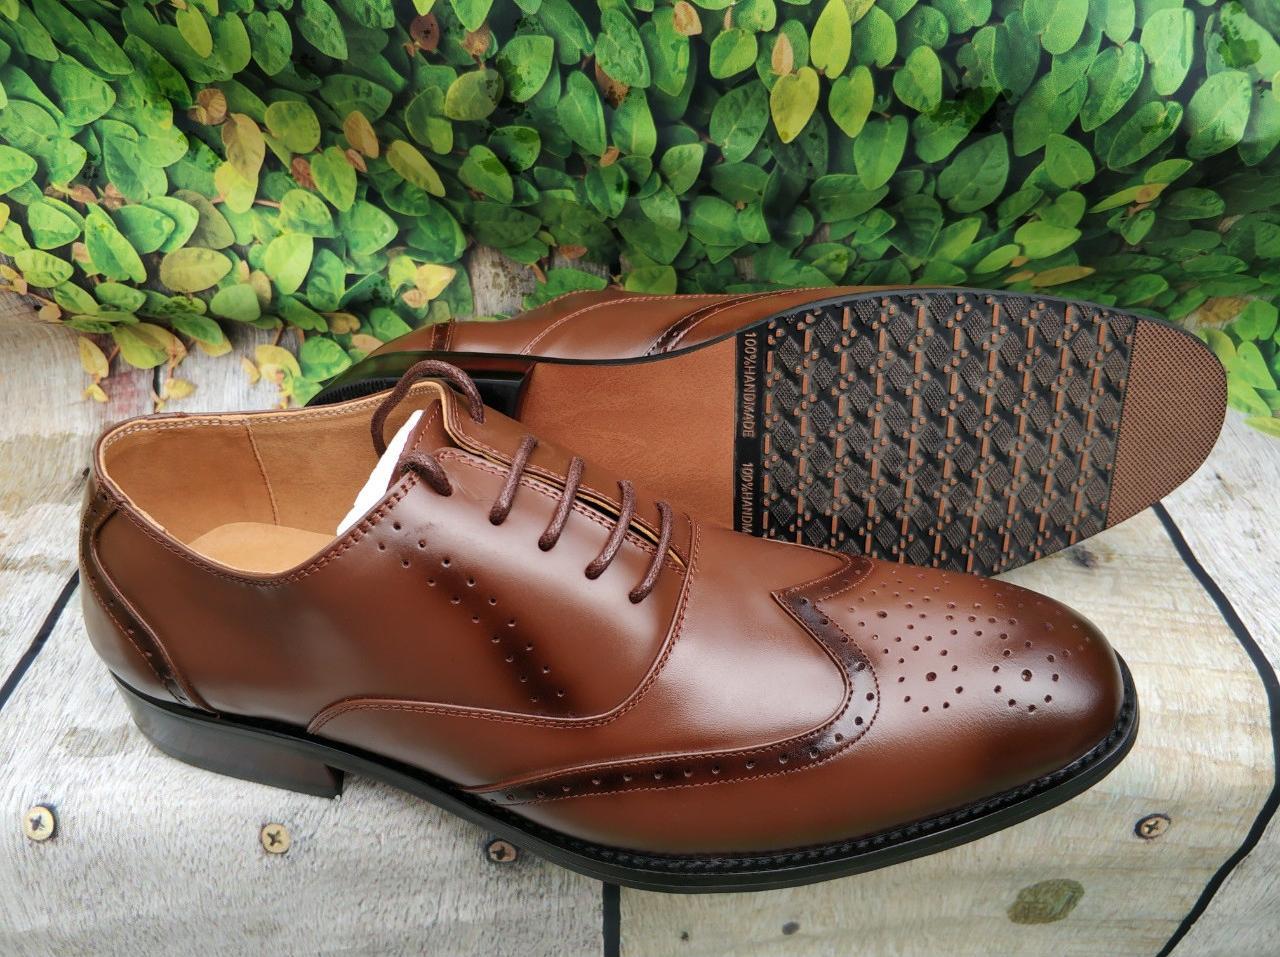 Giày da nam công sở sang trọng lịch lãm -gl51 - nâu nhạt - 41